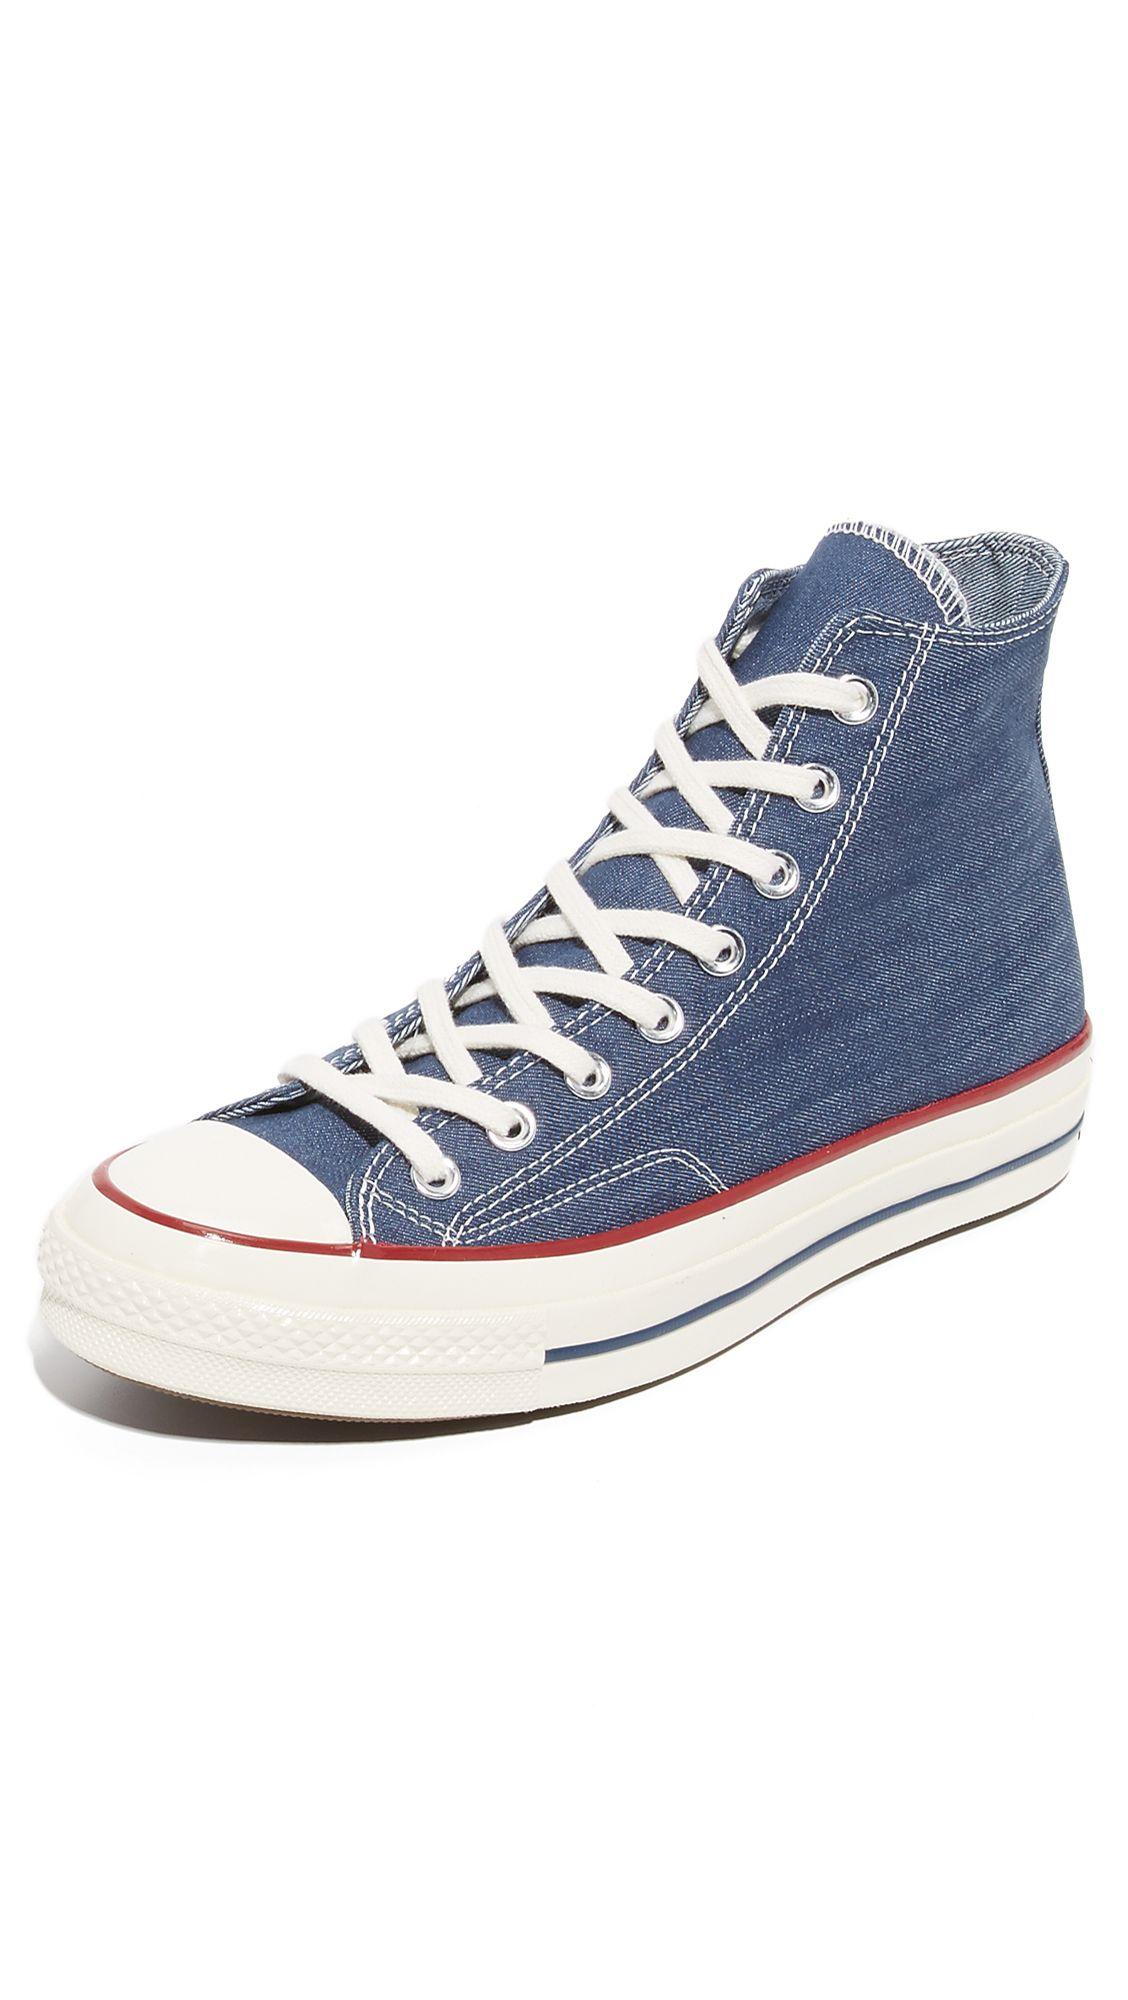 Designer Converse Chuck Taylor All Star High Beige Sneaker